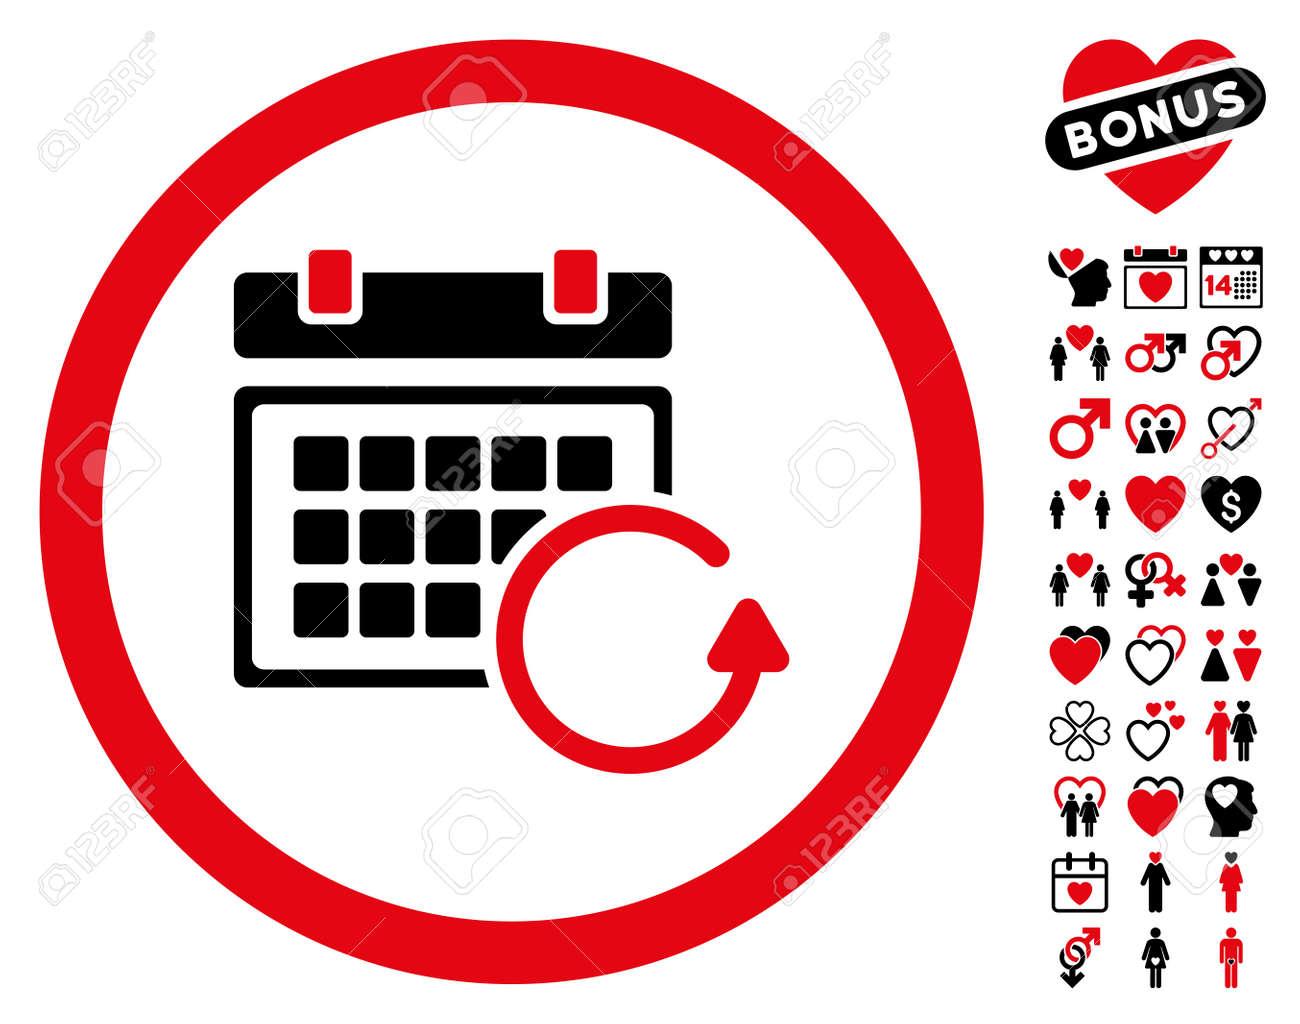 Actualizar Calendario.Actualizar El Pictograma Del Calendario Con Imagenes Decorativas De Bonificacion El Estilo Del Ejemplo Del Vector Es Simbolos Rojos Y Negros